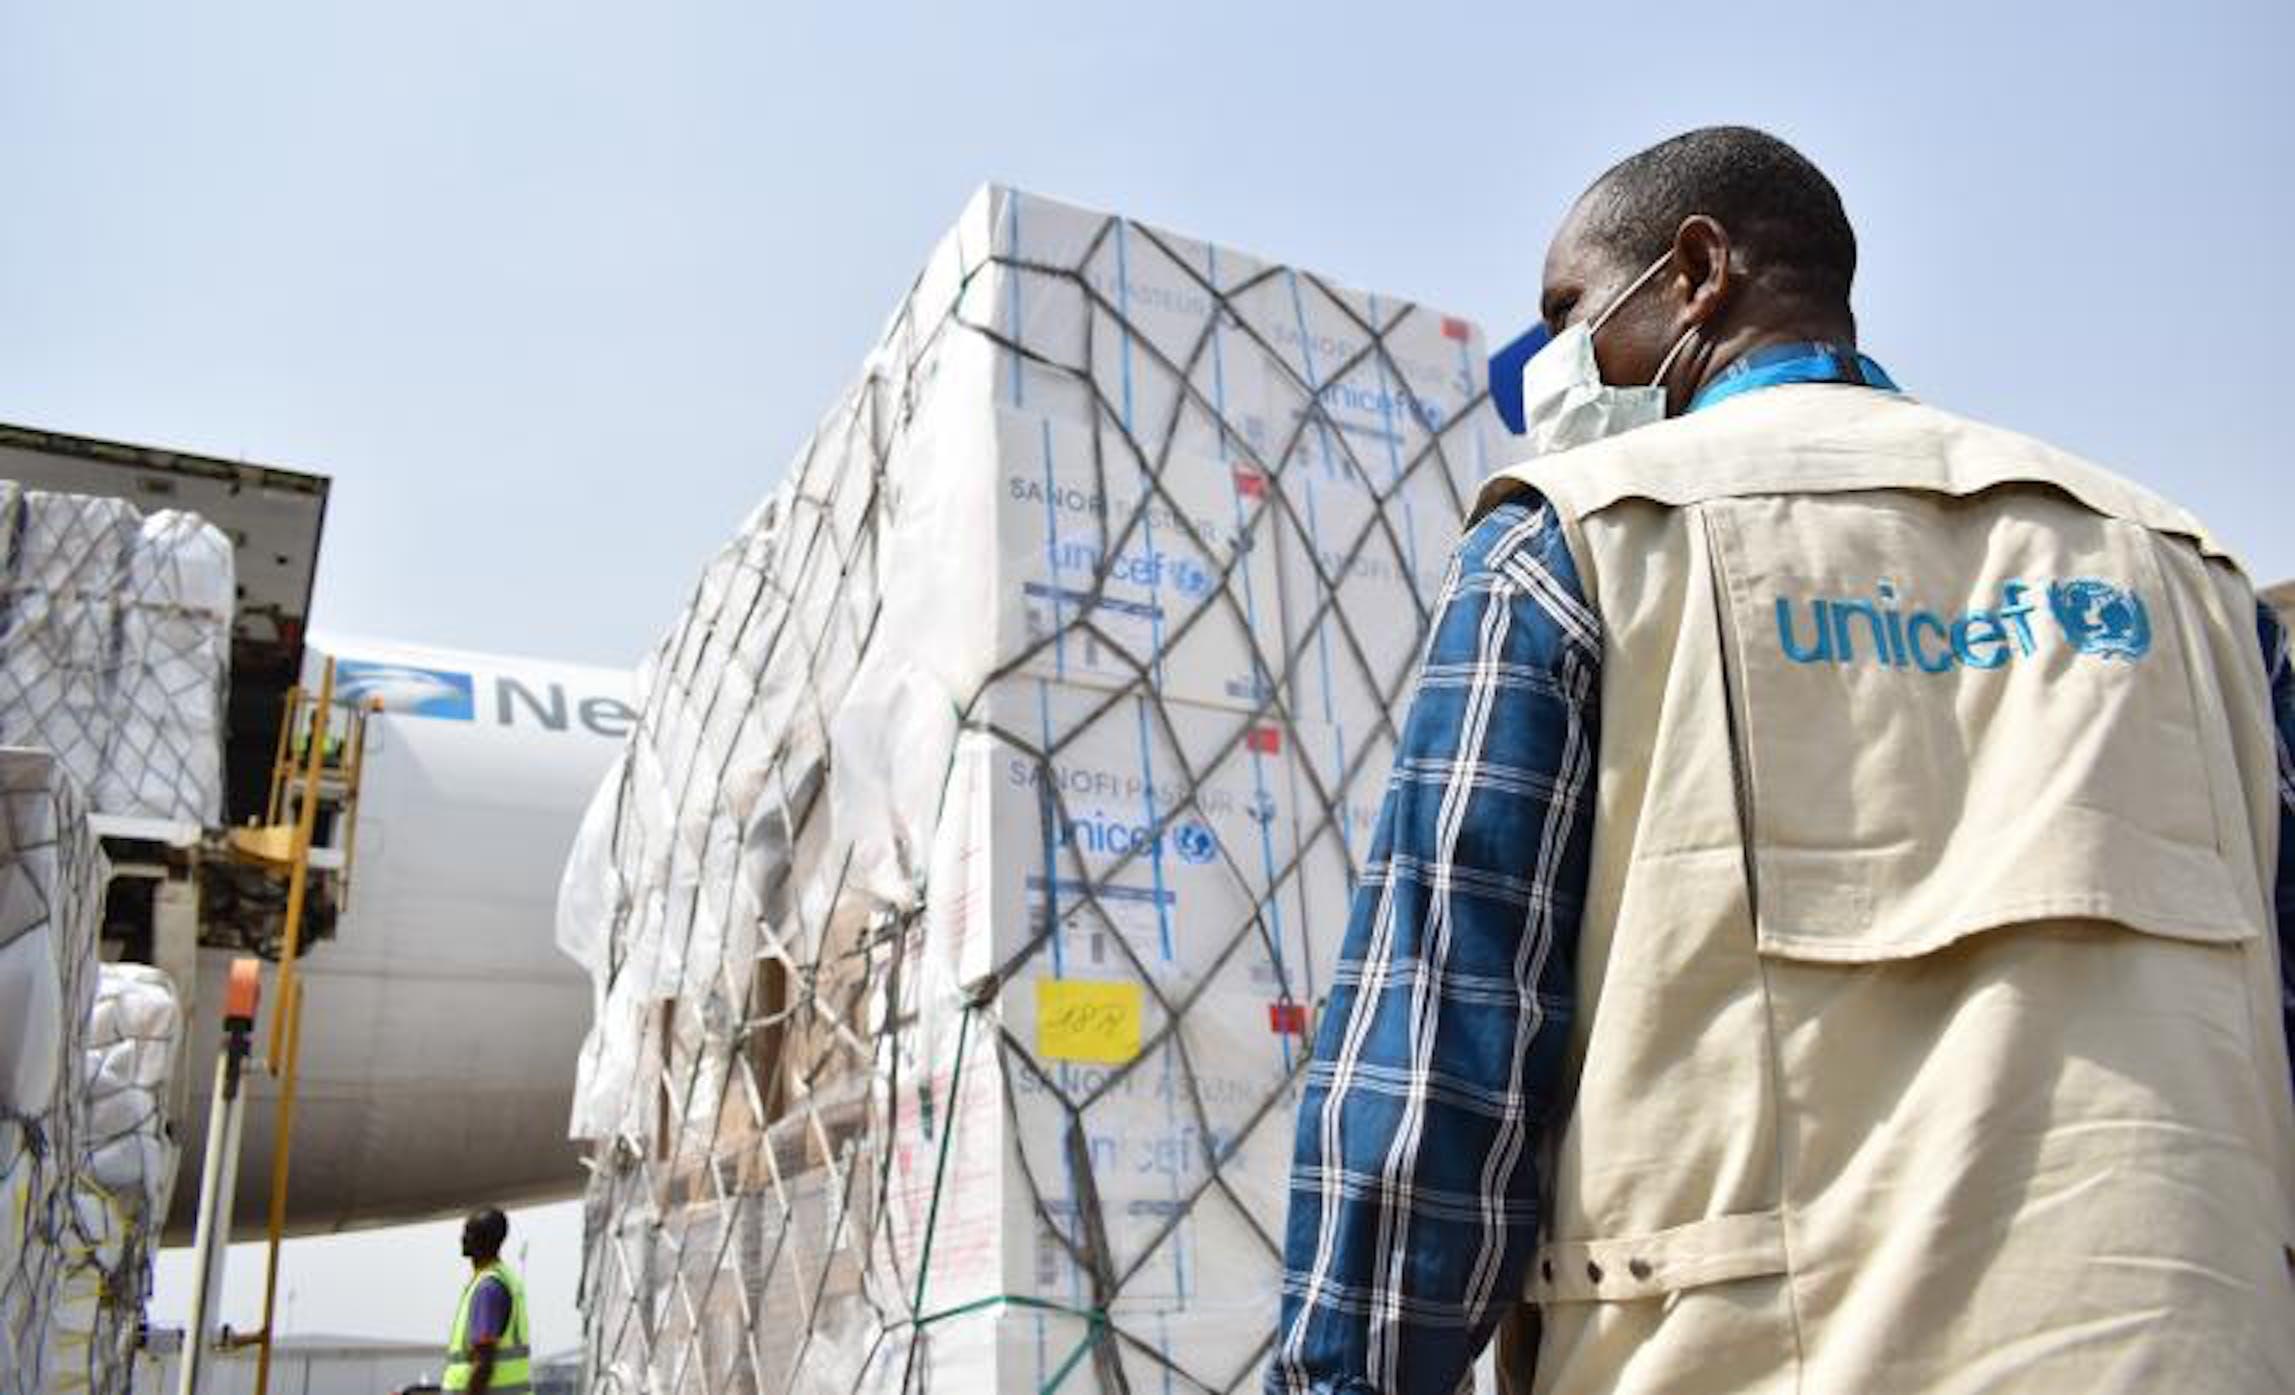 L'arrivo di un volo cargo con aiuti sanitari dell'UNICEF all'aeroporto internazionale di Abuja (Nigeria) nel pieno dell'emergenza COVID-19 - ©UNICEF/2020